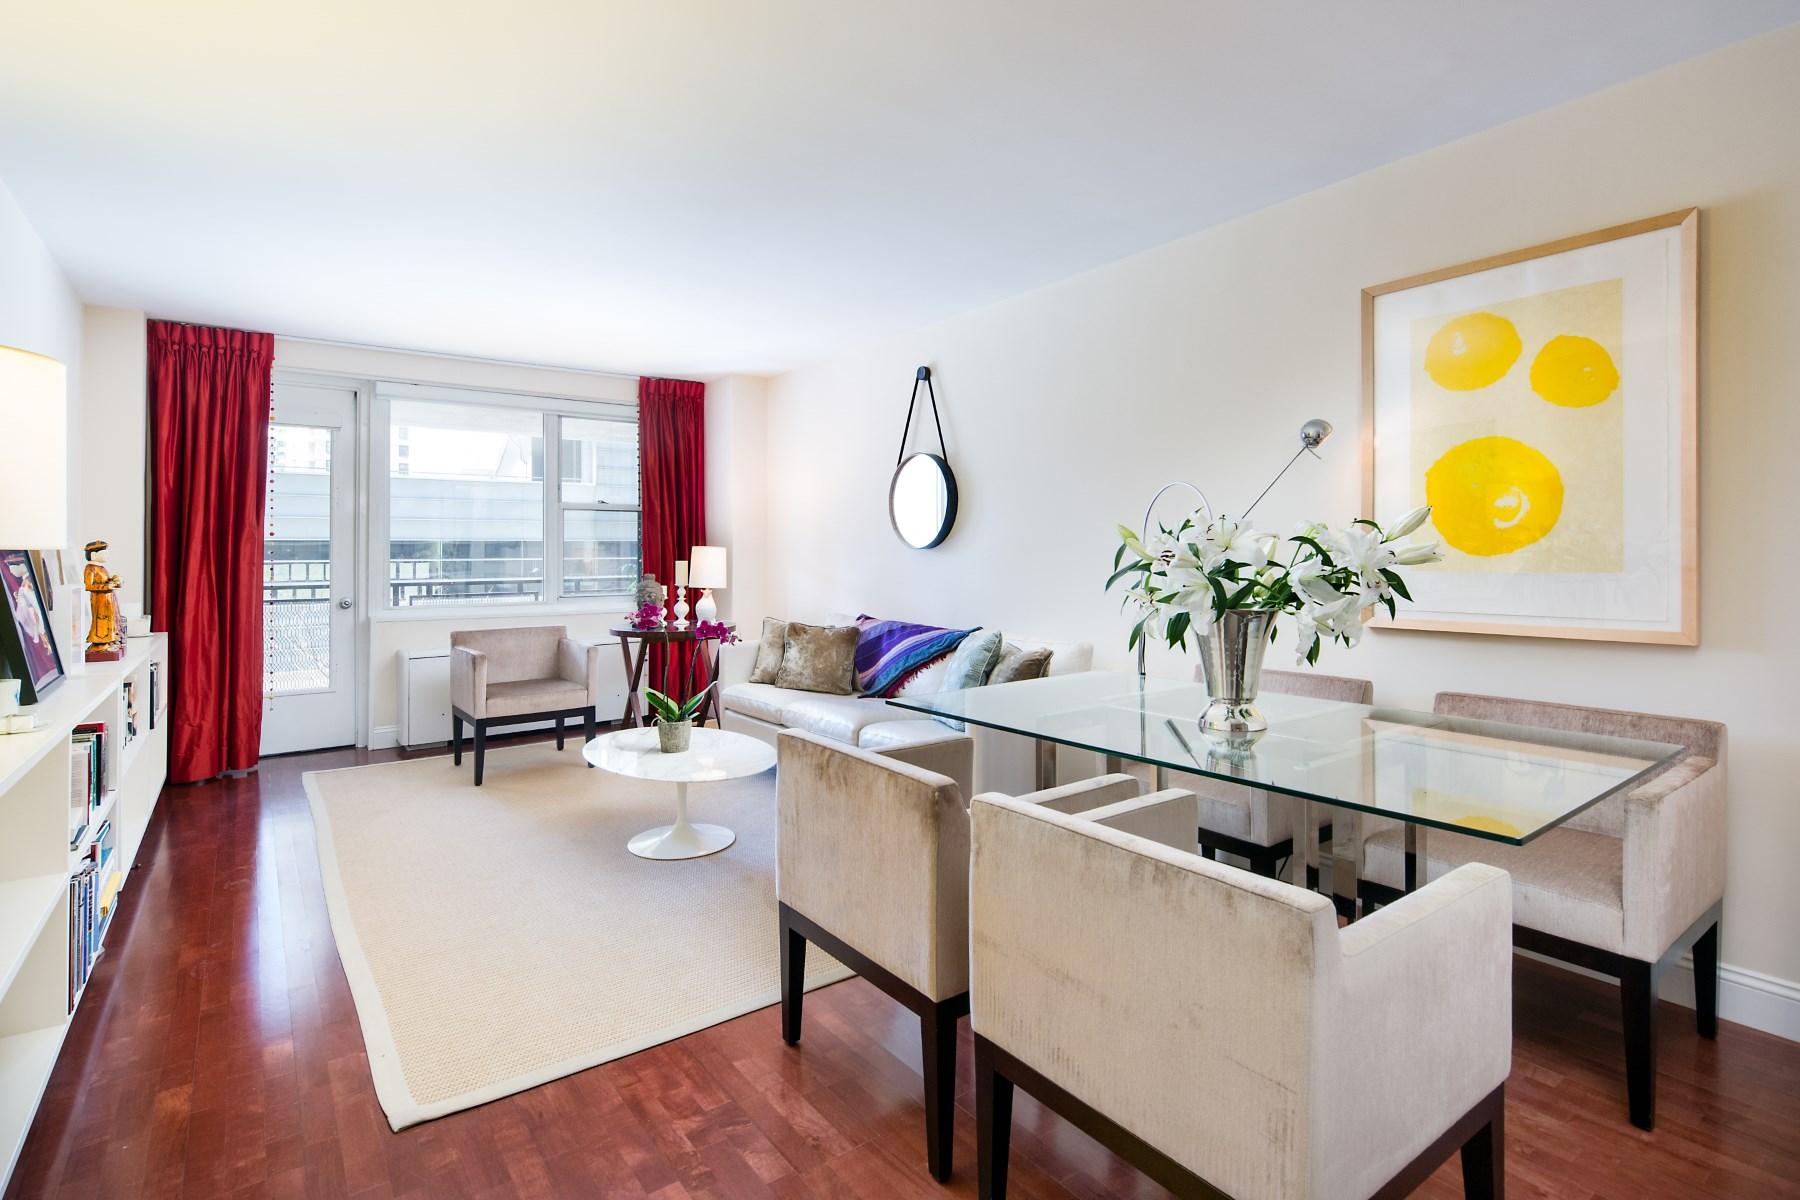 Кооперативная квартира для того Продажа на 165 West 66th Street 165 West 66th Street Apt 4D New York, Нью-Йорк, 10023 Соединенные Штаты